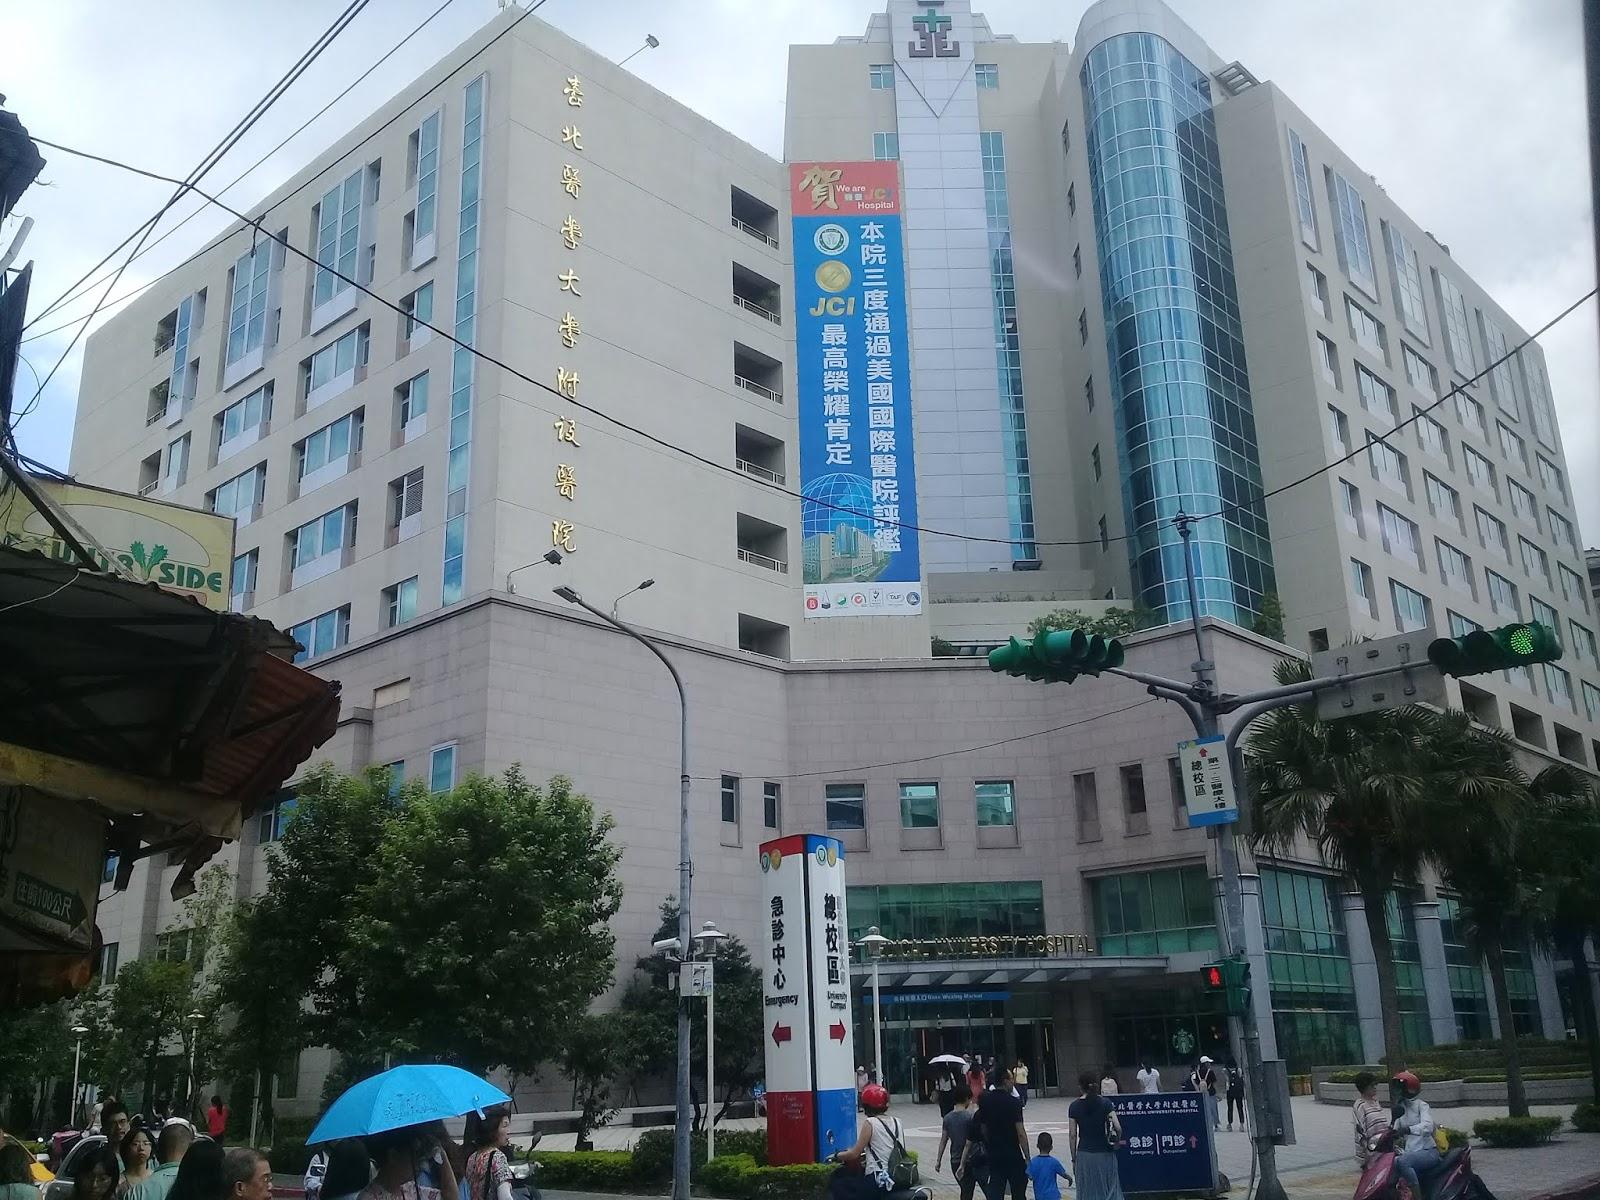 就是愛公車: 20190729 市民小巴7 麟光新村-捷運市政府站 搭乘紀錄